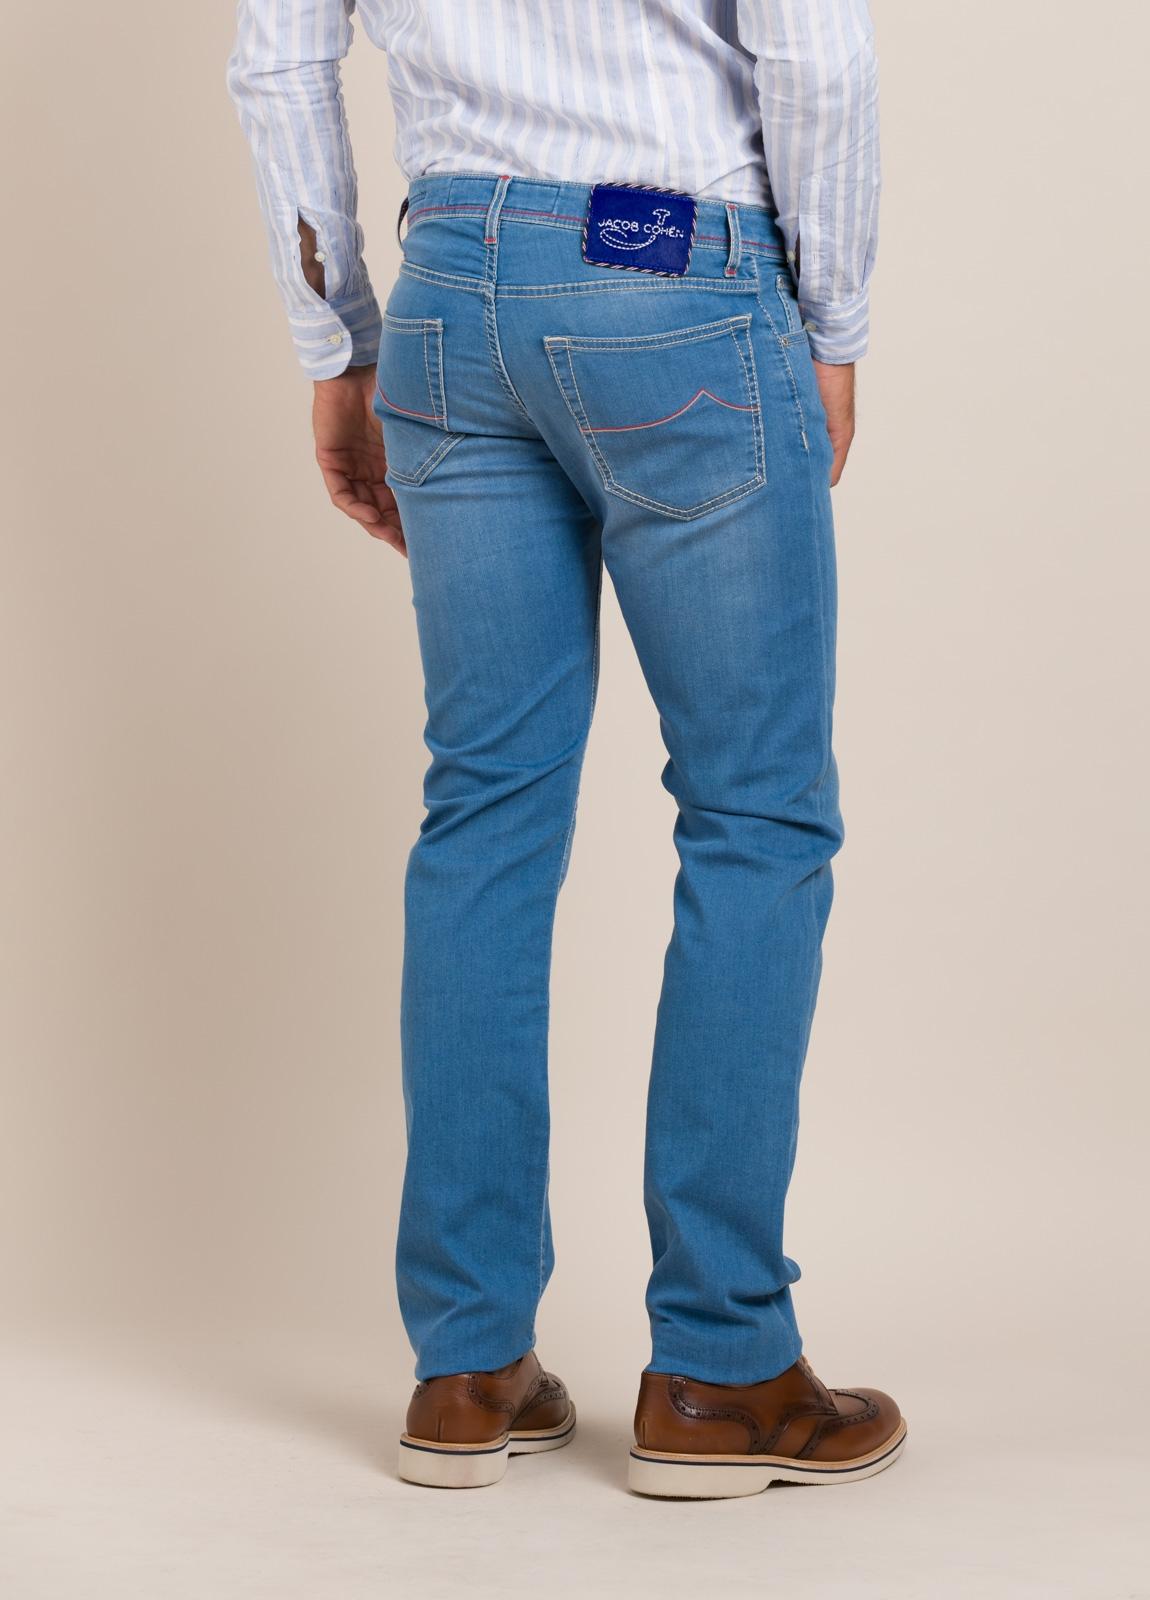 Pantalón tejano JACOB COHEN azul medio - Ítem7